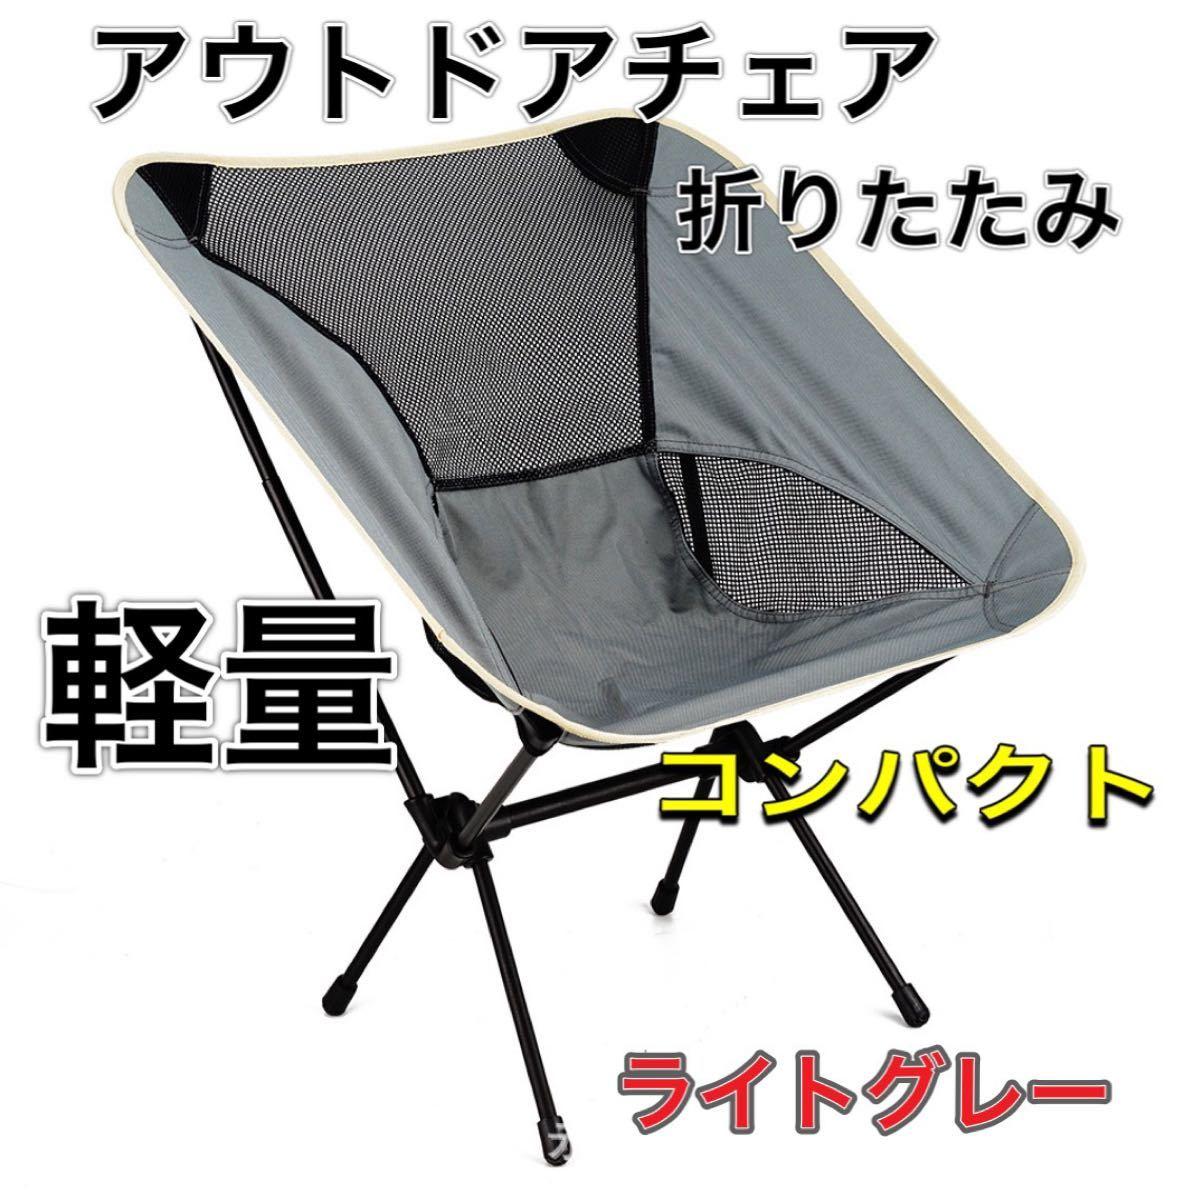 新品 らくらく持ち運び 折りたたみアウトドアチェア キャンプ椅子 ライトグレー